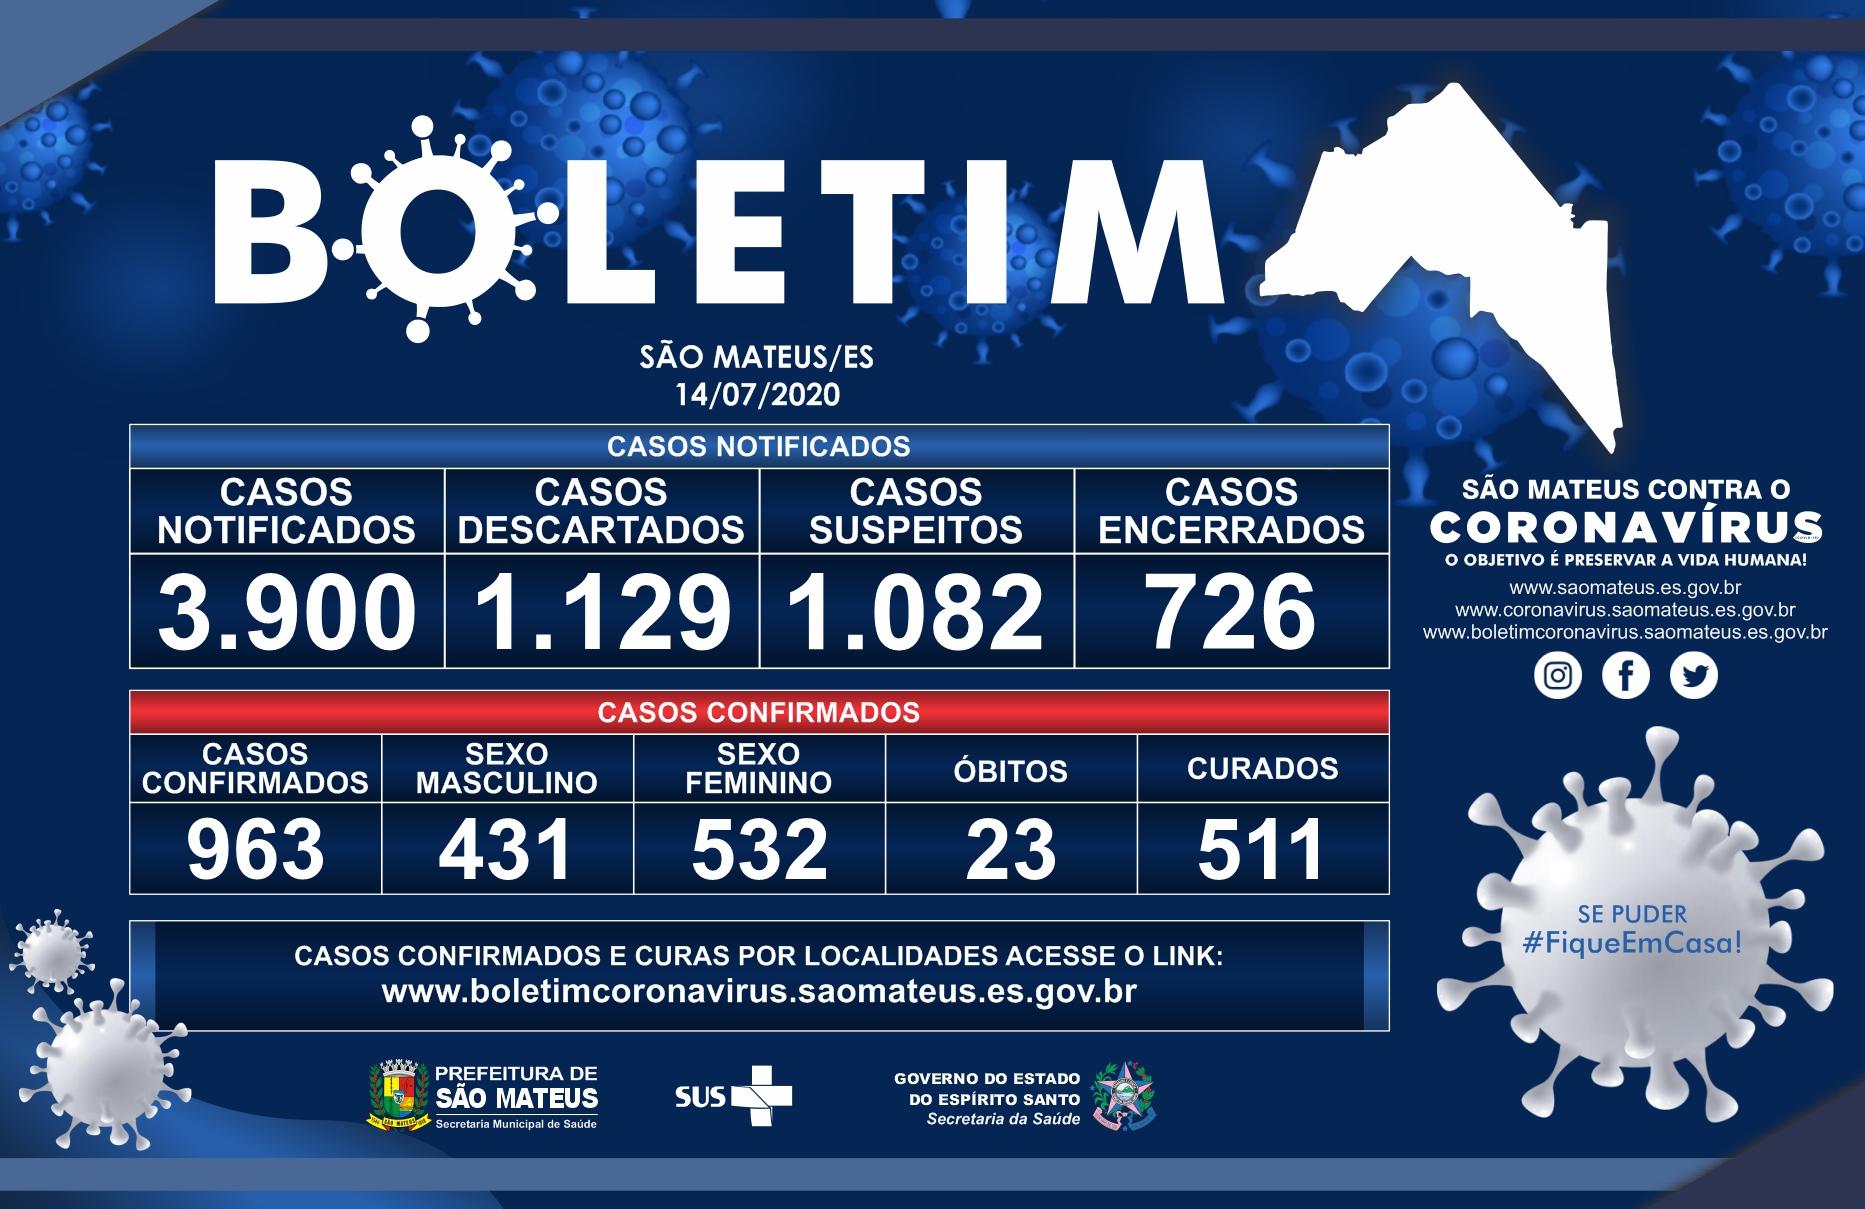 CORONAVÍRUS EM SÃO MATEUS: 963 CASOS CONFIRMADOS E 511 CURADOS